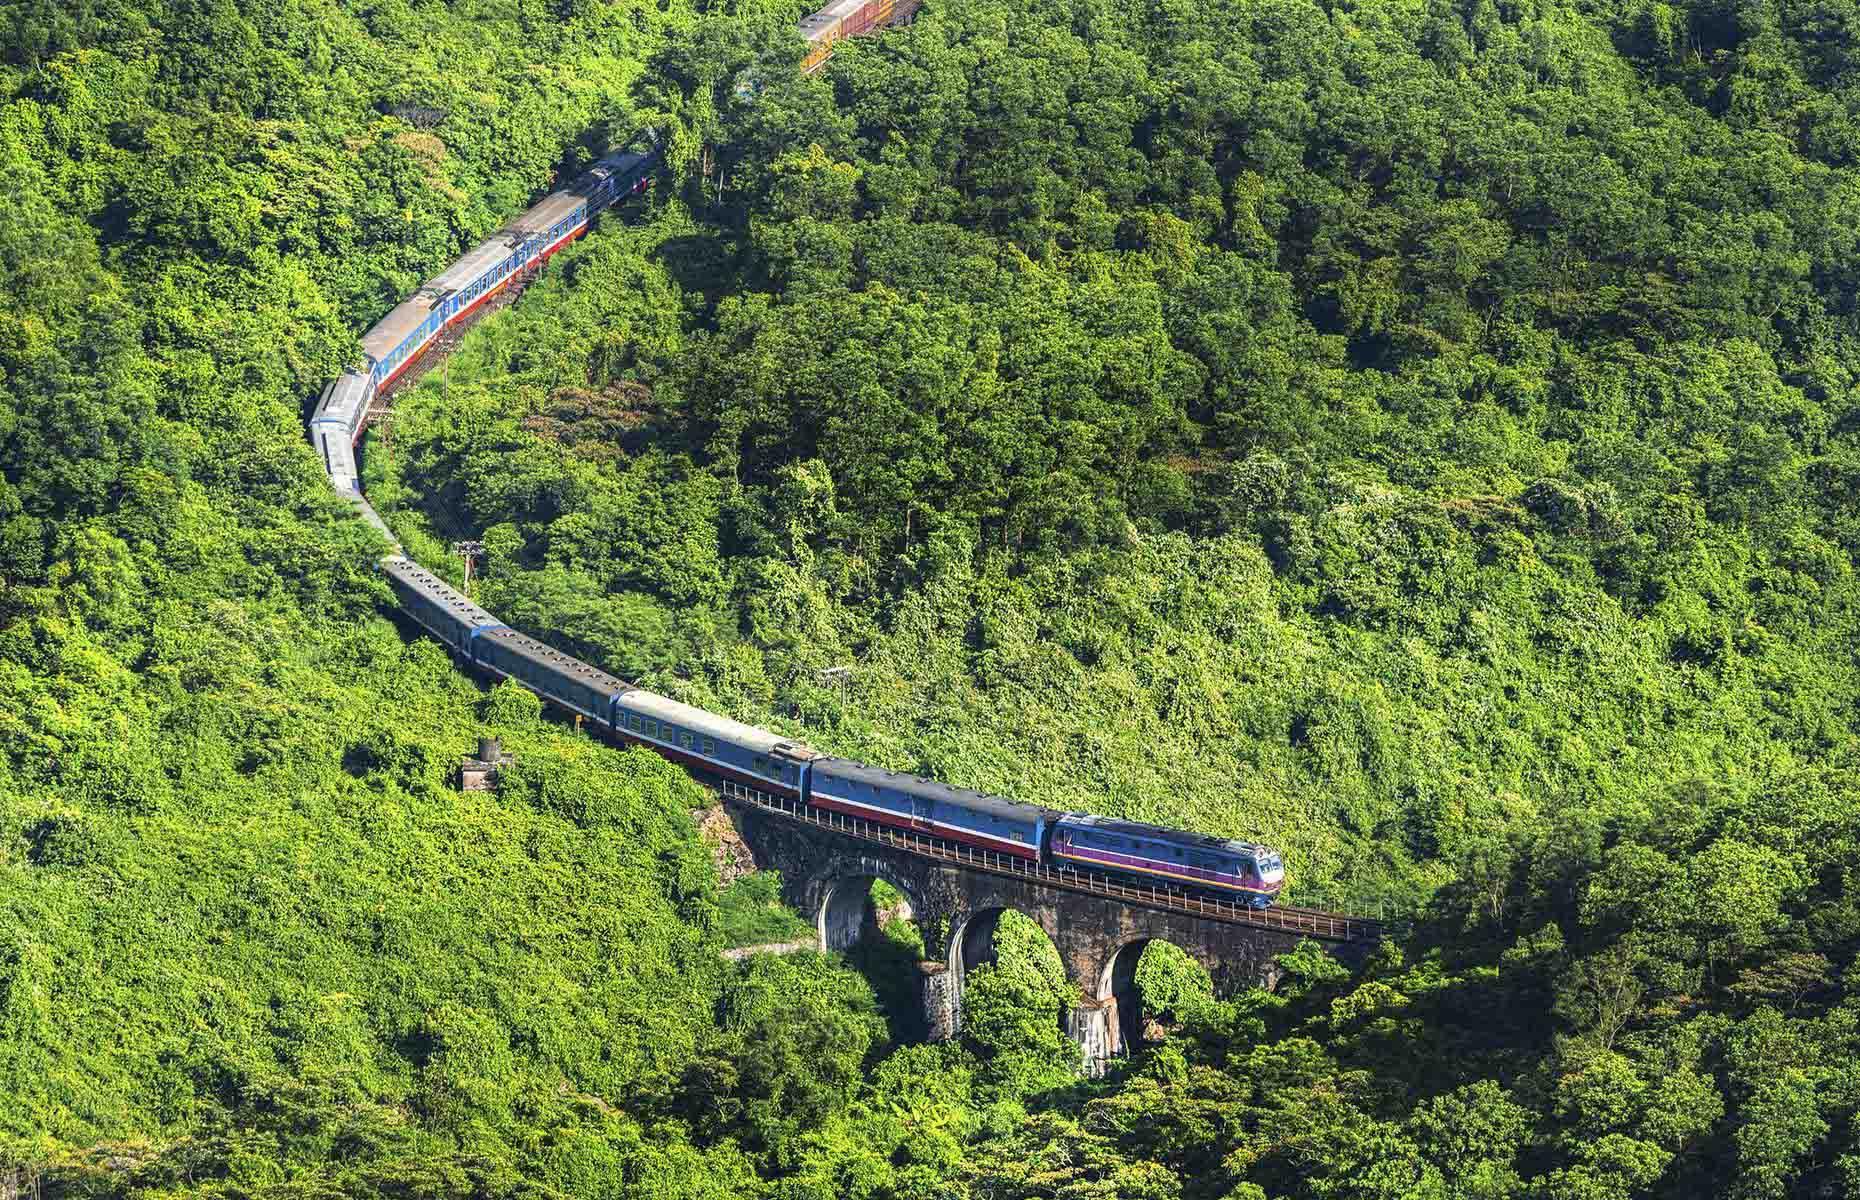 du lịch tàu hỏa Việt Nam